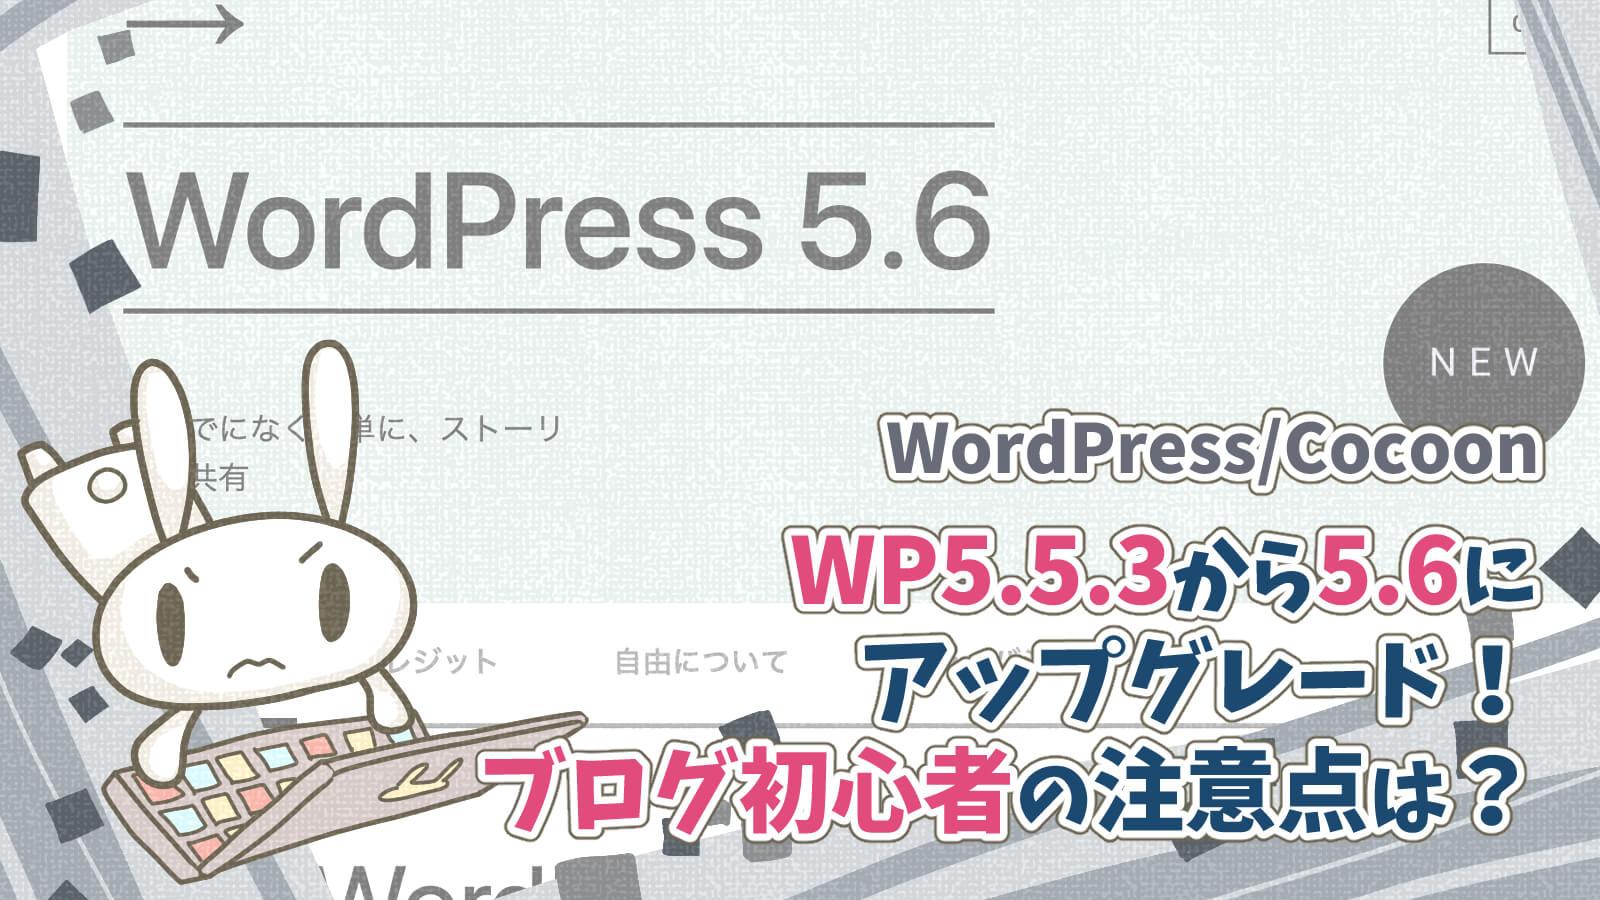 ブログ初心者がワードプレスを最新版5.6にアップグレードcocoon